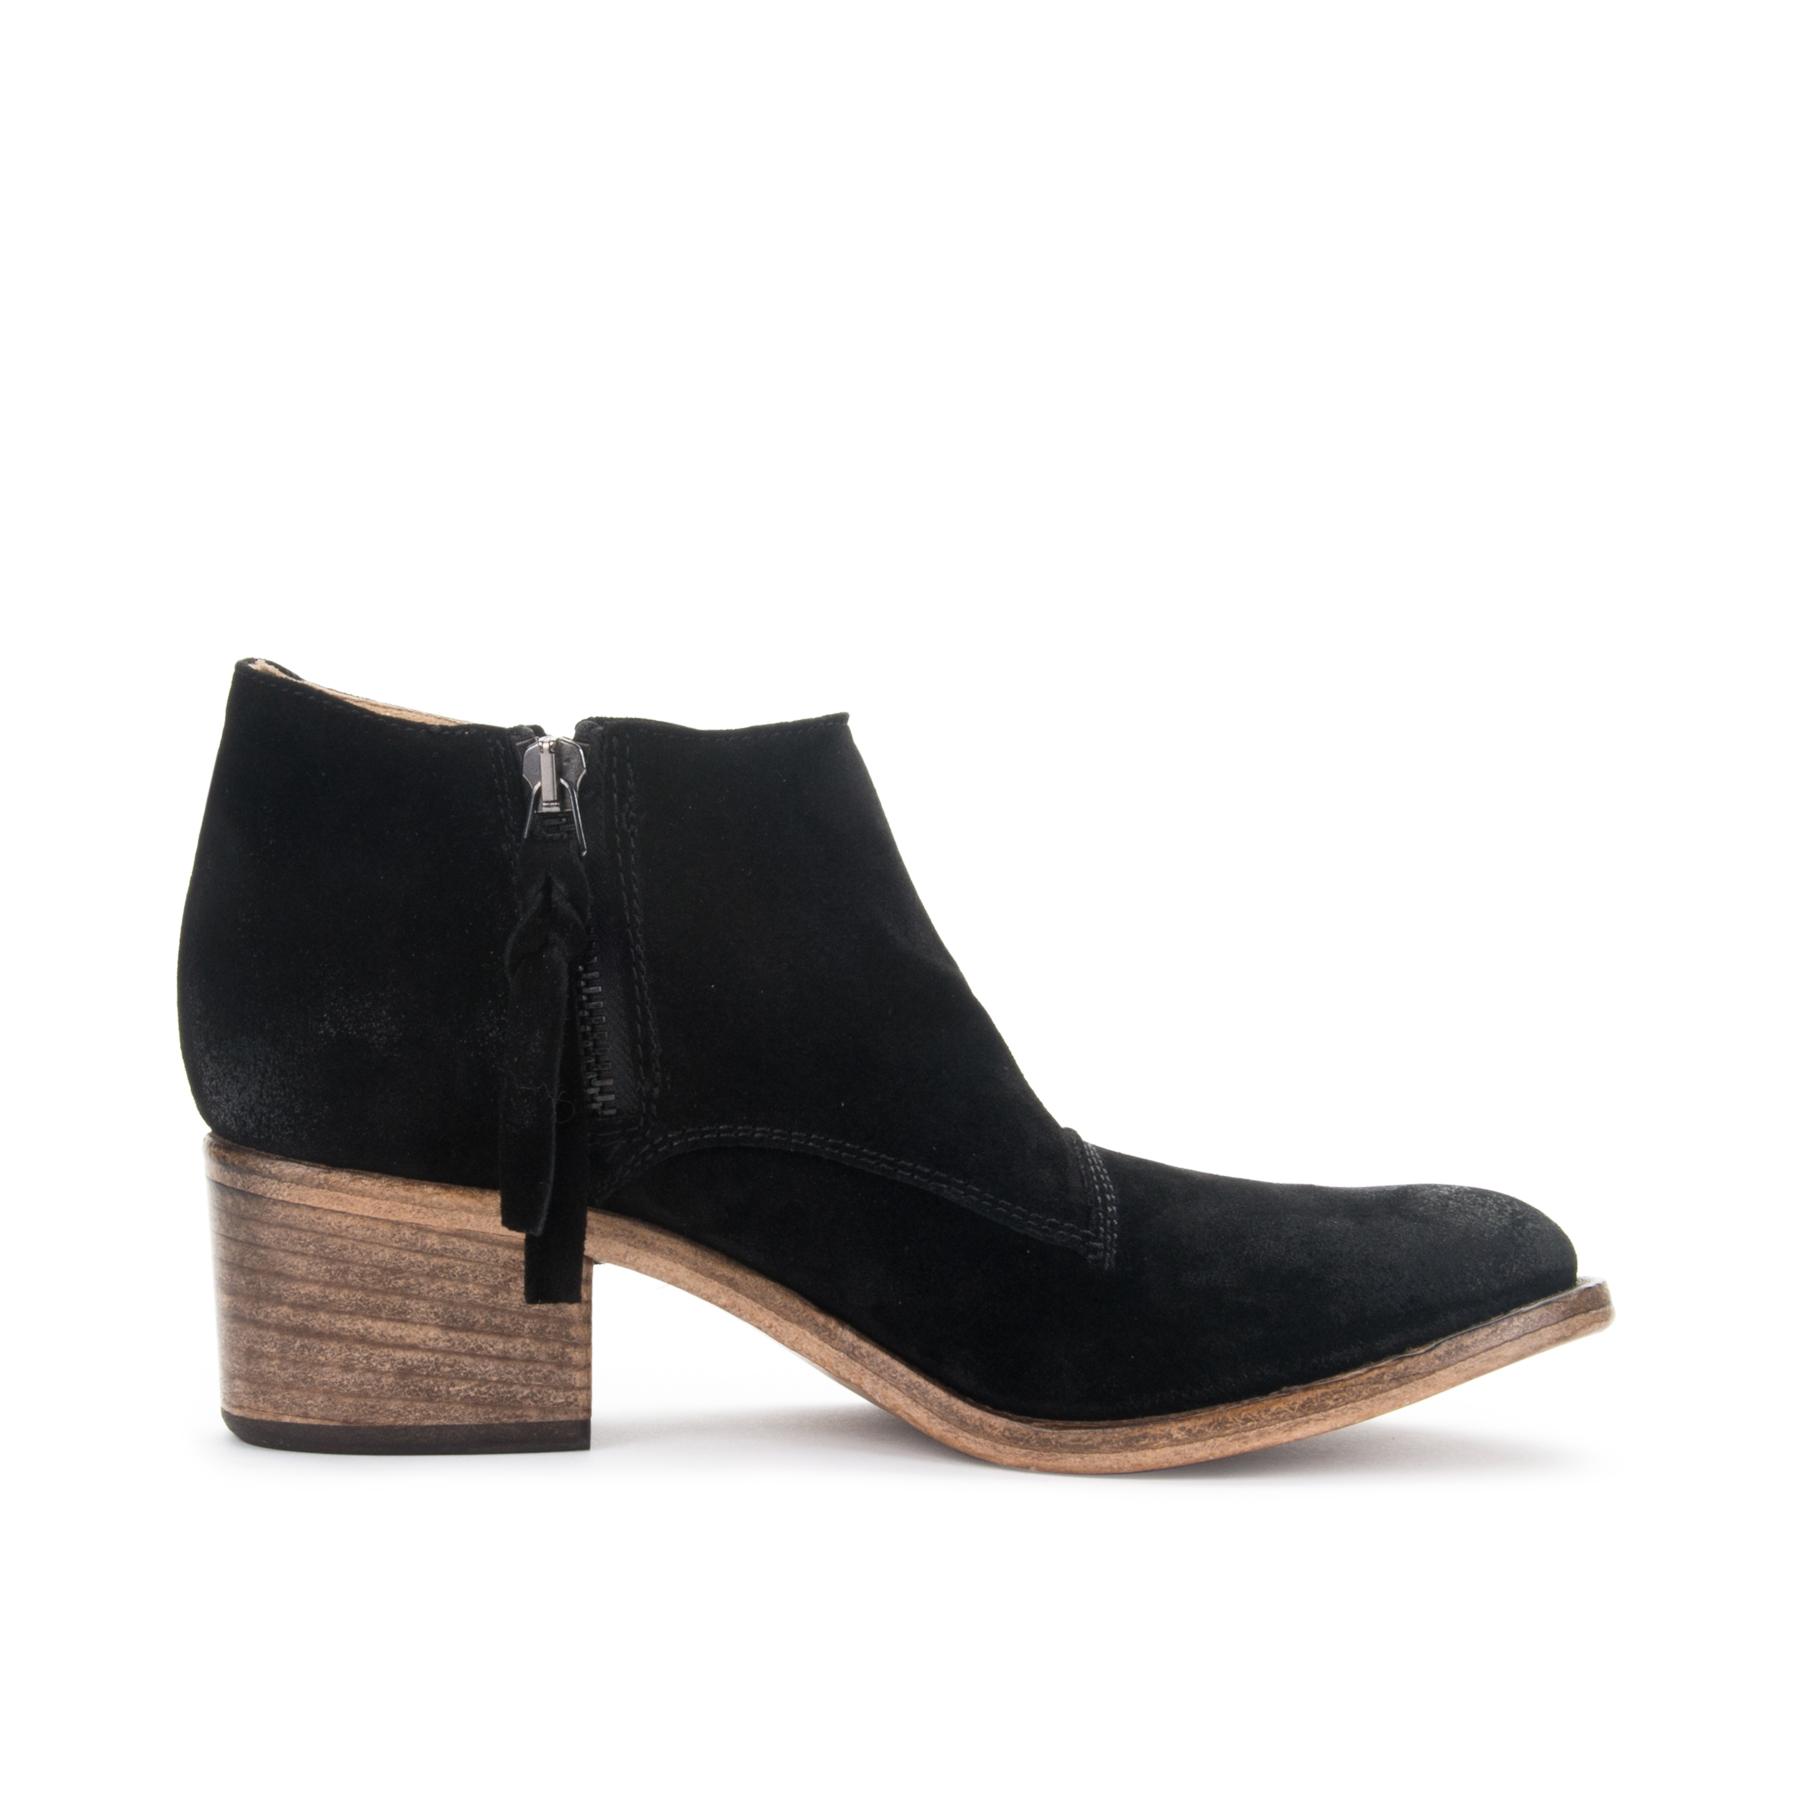 alberto fermani-capricia ankle boots alberto fermani-capricia ankle boots  ... kwtmcur